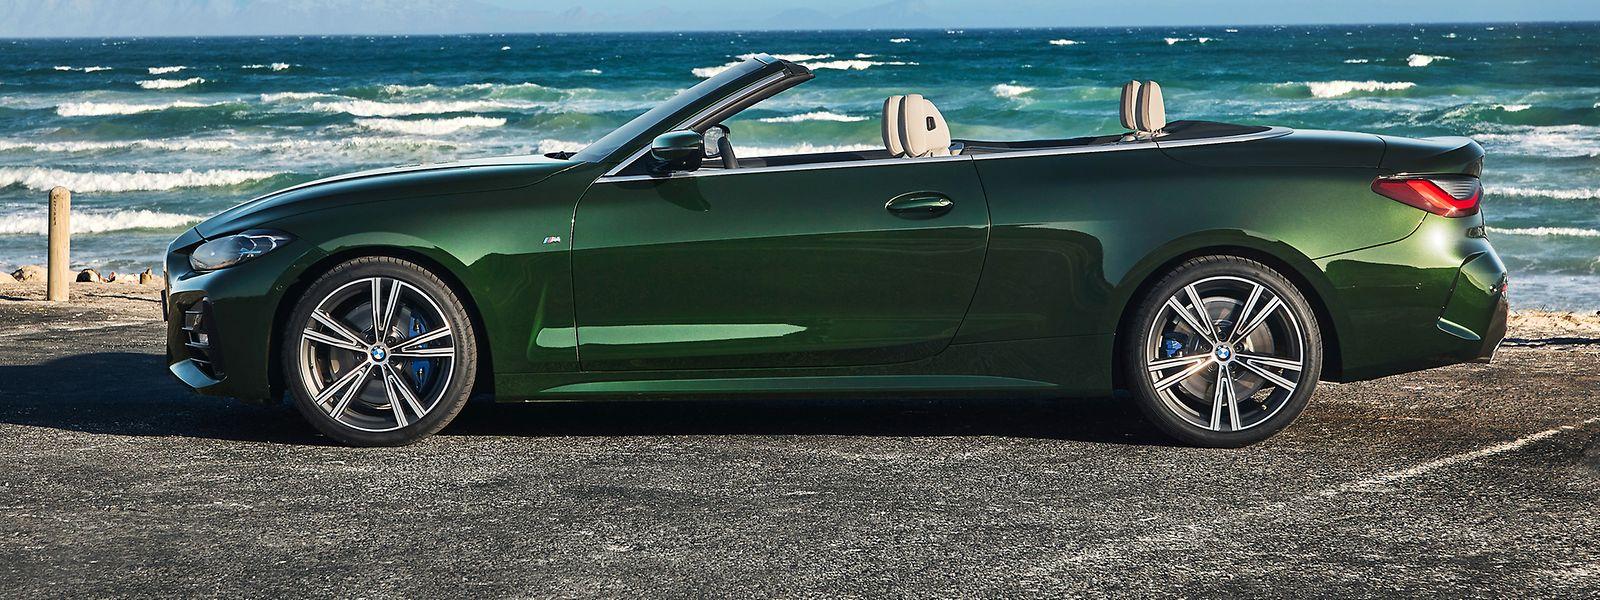 Zum athletischeren Auftritt des BMW 4er Cabrio tragen auch seine gewachsenen Proportionen sowie sein geschärftes Design bei.